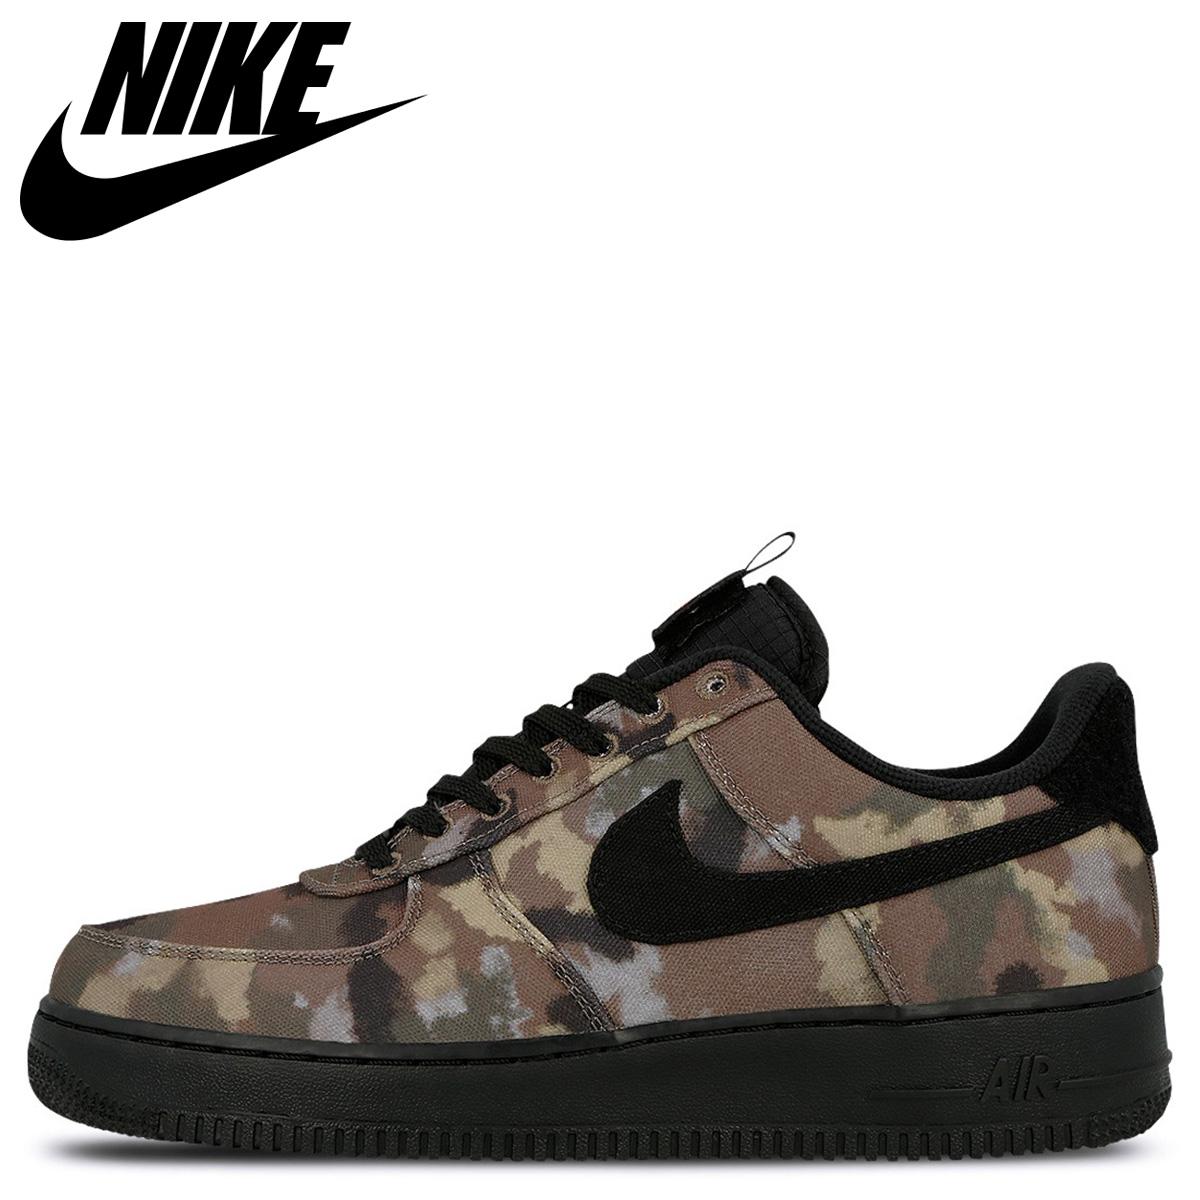 NIKE Nike air force 1 sneakers men AIR FORCE 1 07 duck camouflage AV7012 200